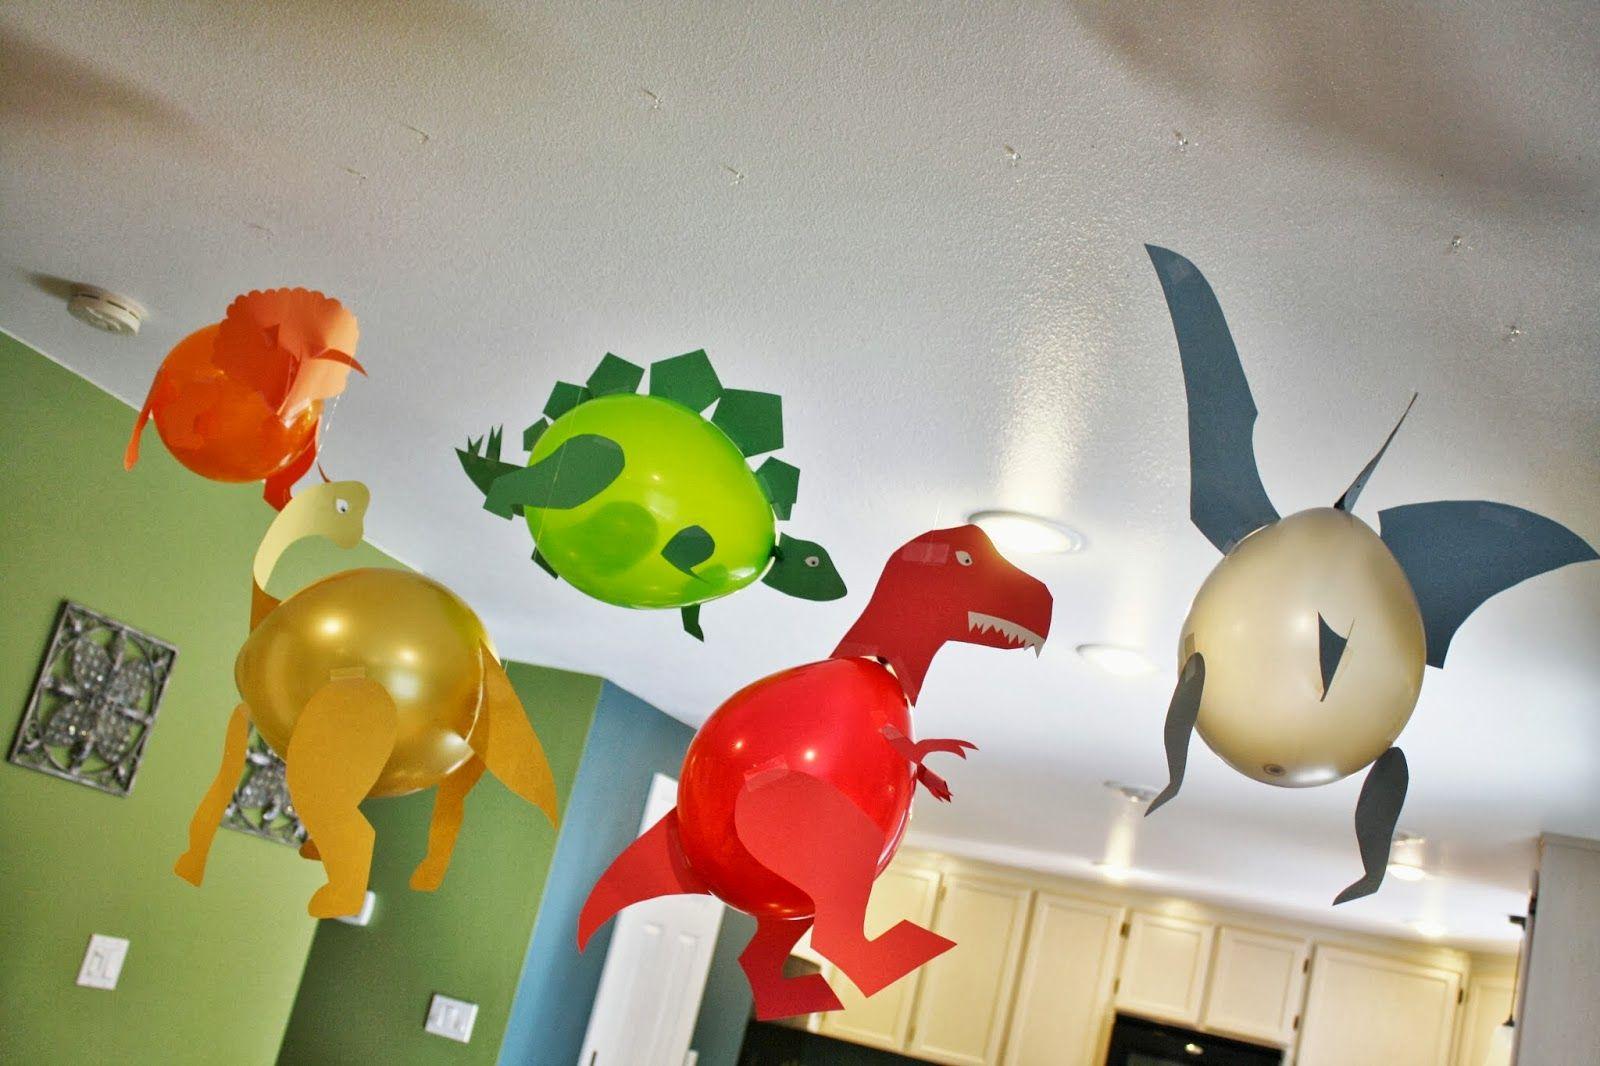 ballon dinos als deko basteln dinos geburtstag party ideen dinosaurier geburtstag und. Black Bedroom Furniture Sets. Home Design Ideas